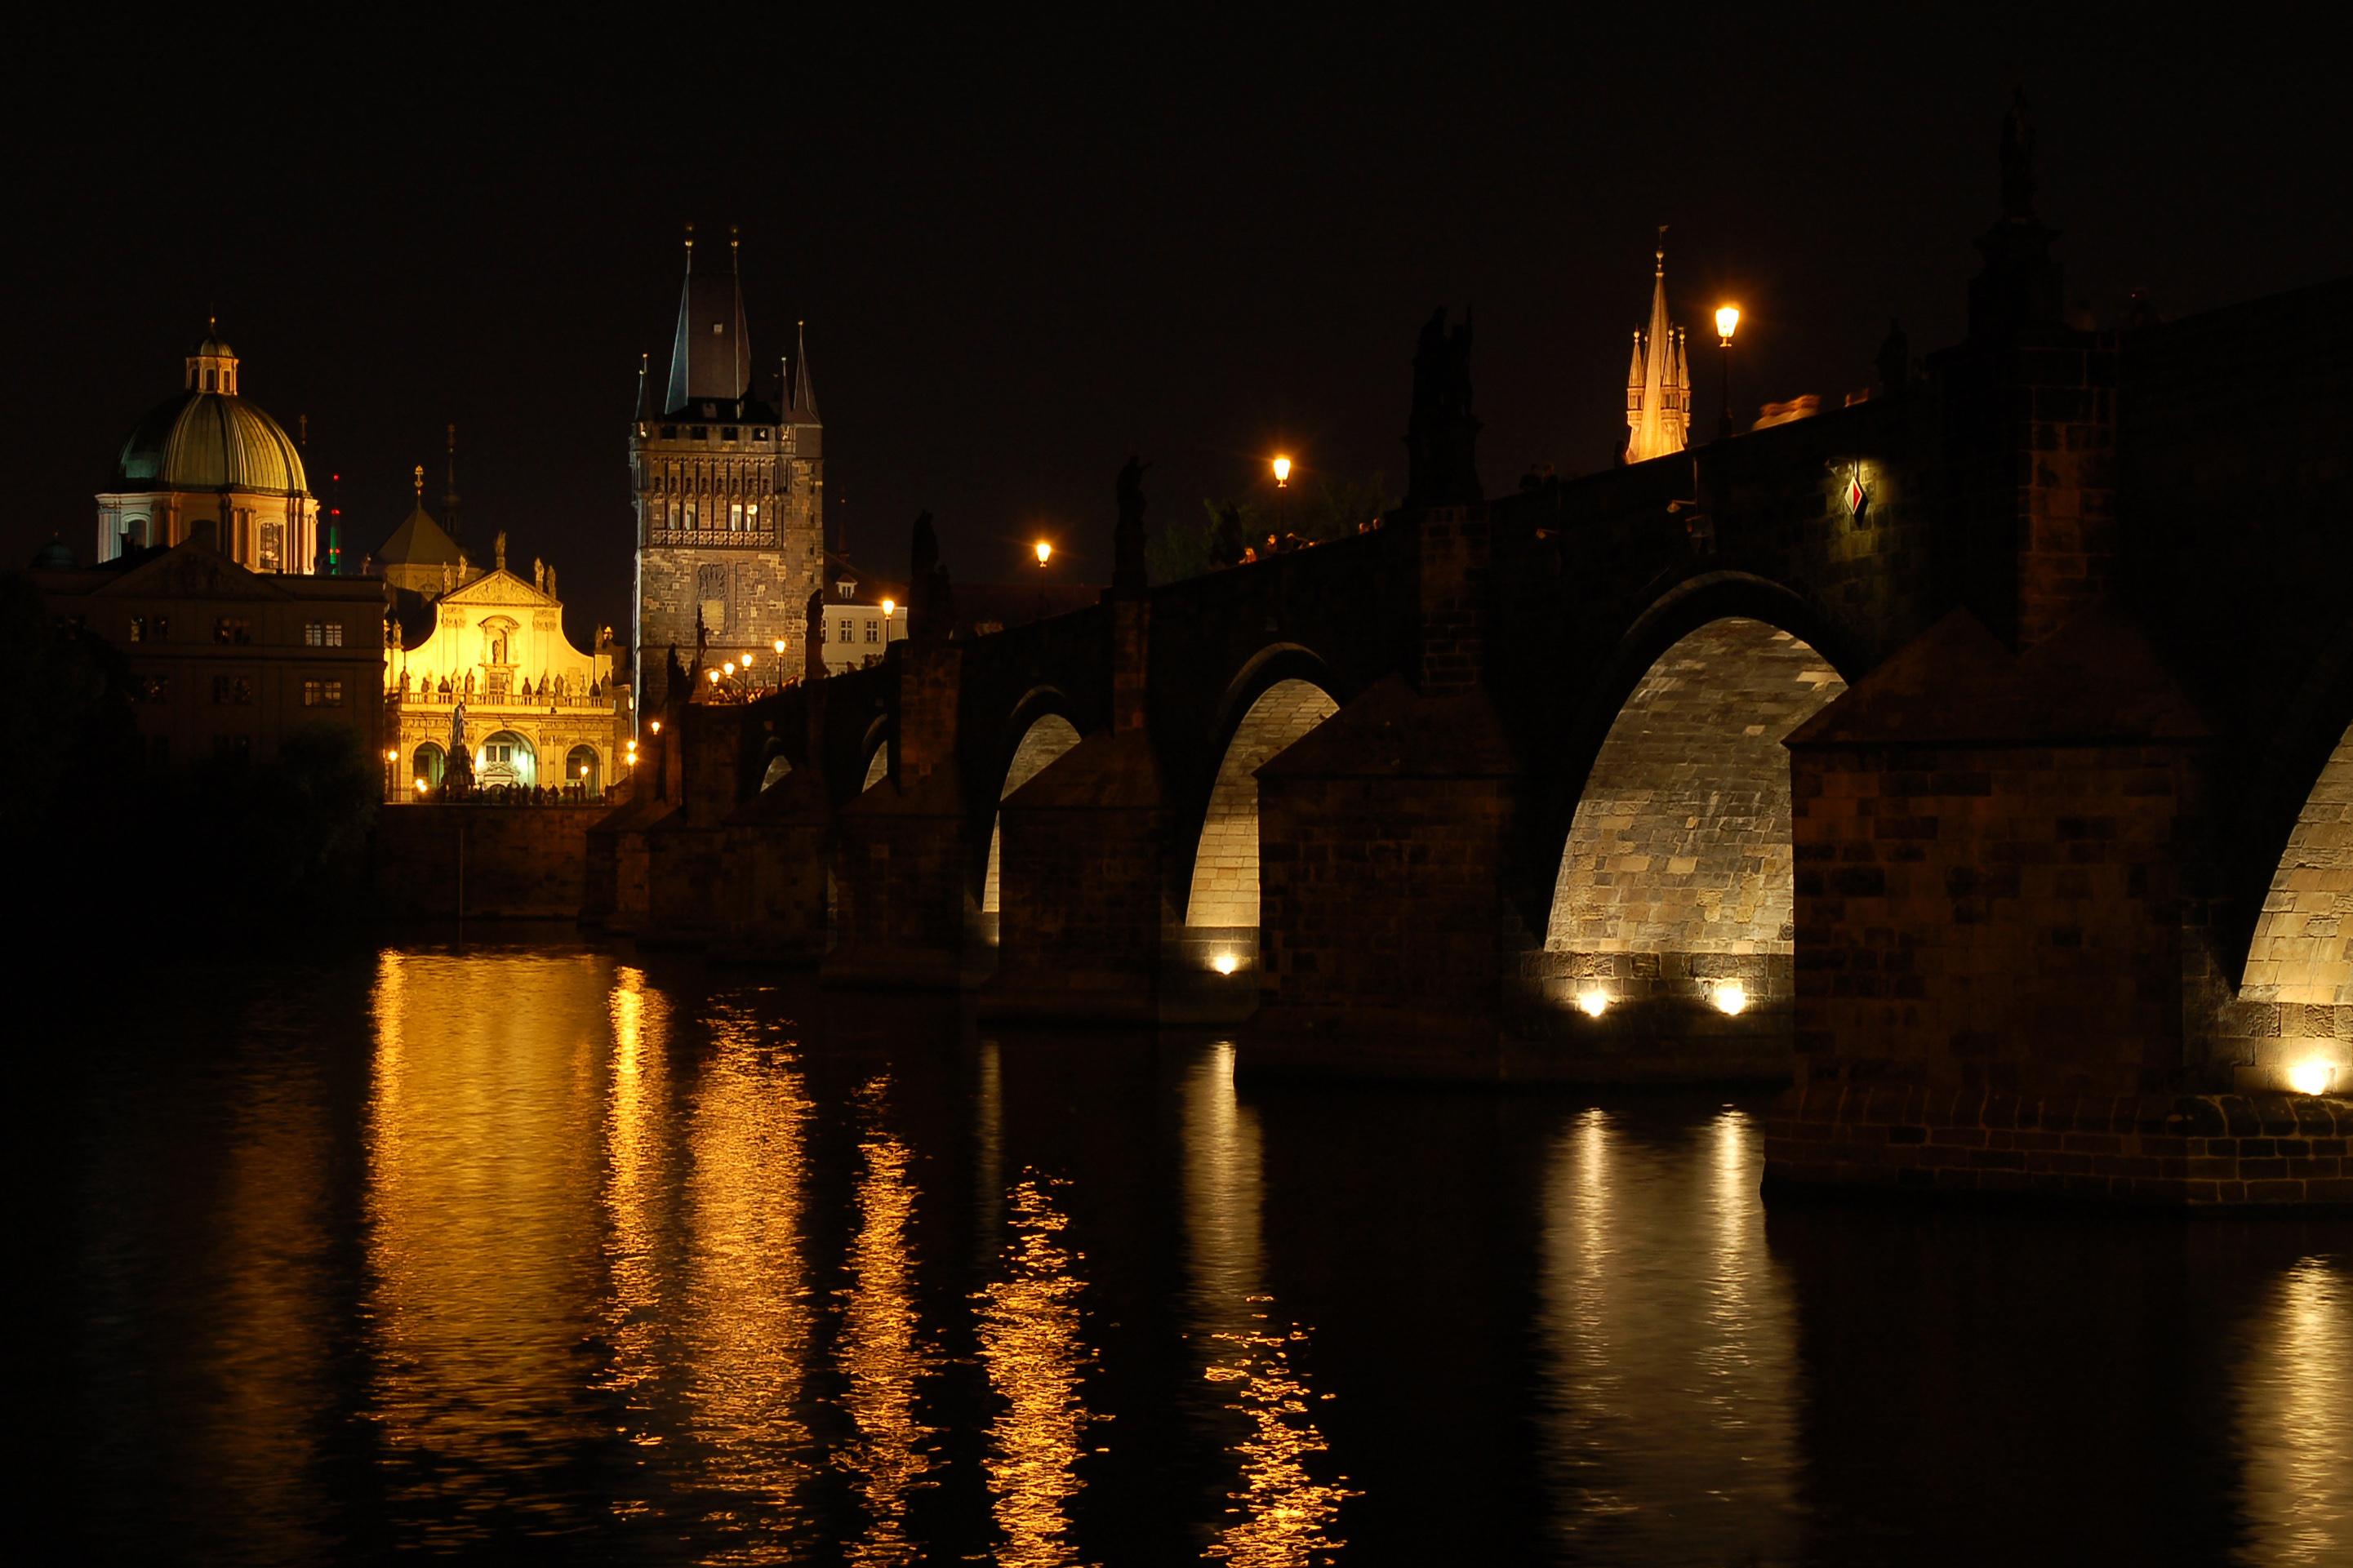 หอสะพานเมืองเก่า-ยามค่ำคืน